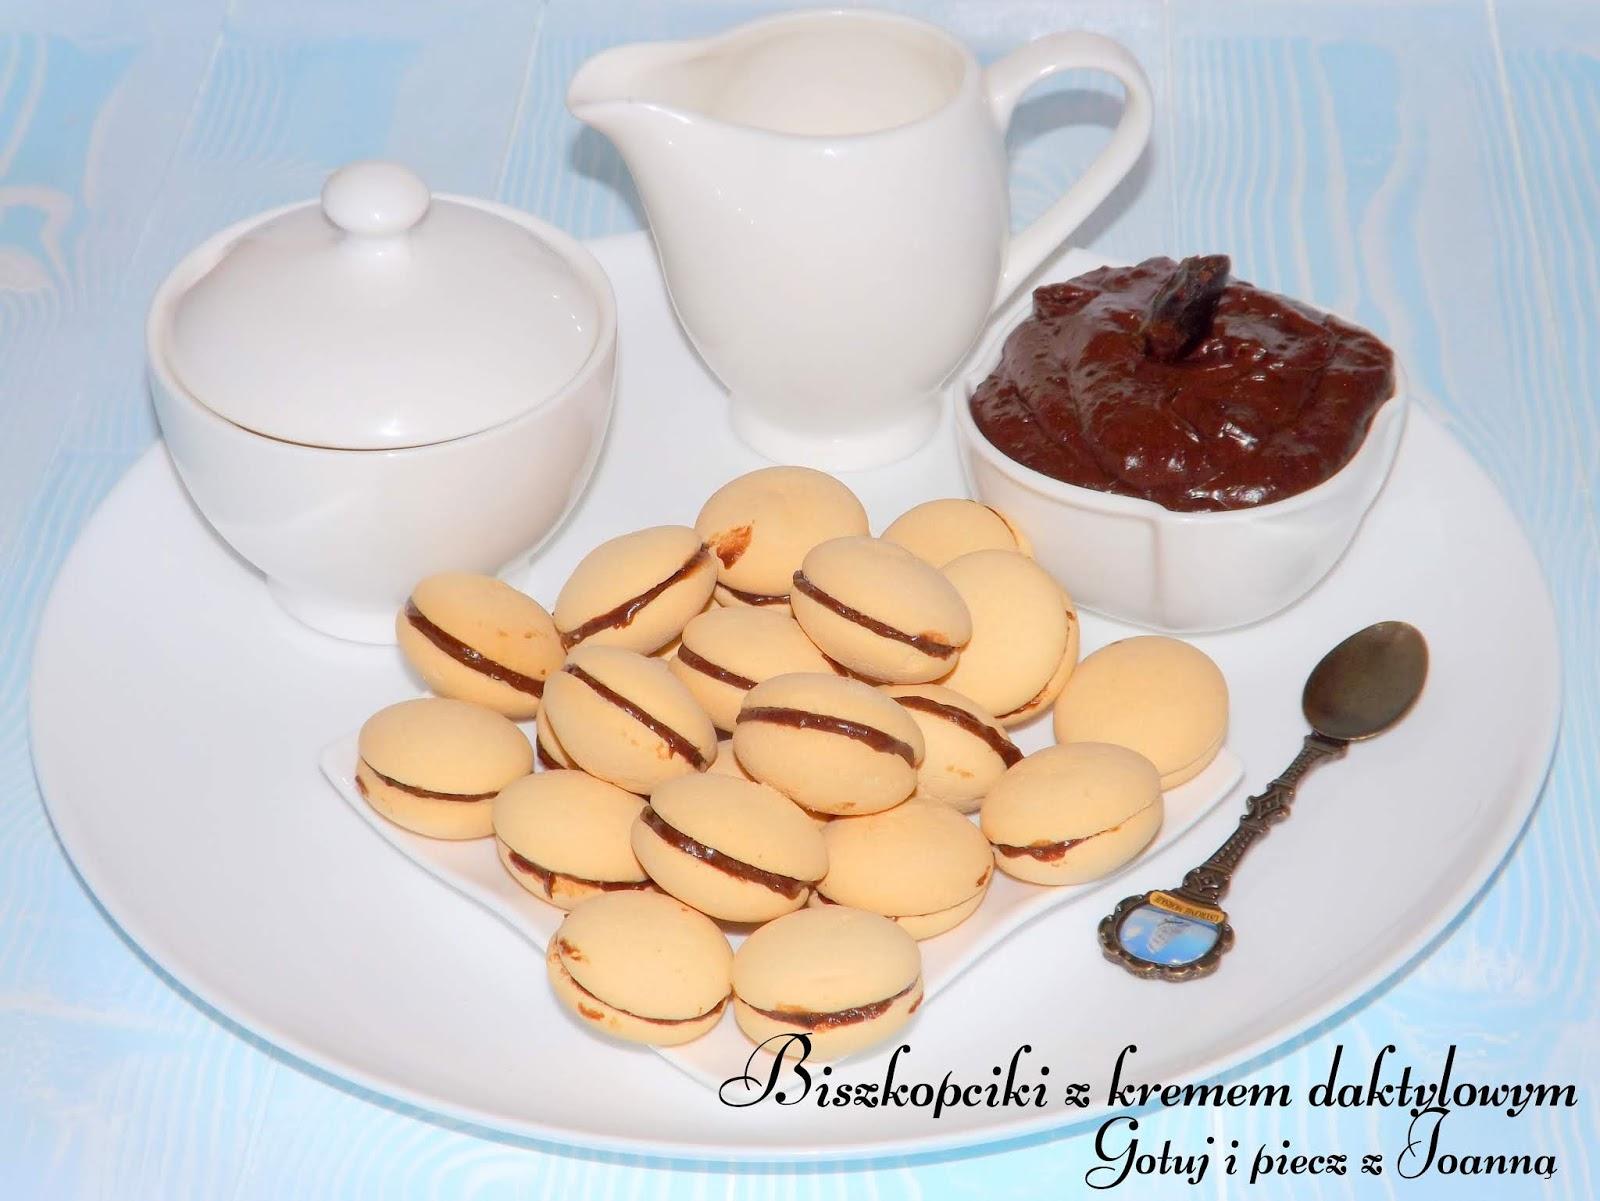 Biszkopciki bez cukrowe z wegańskim kremem daktylowym również bez cukru